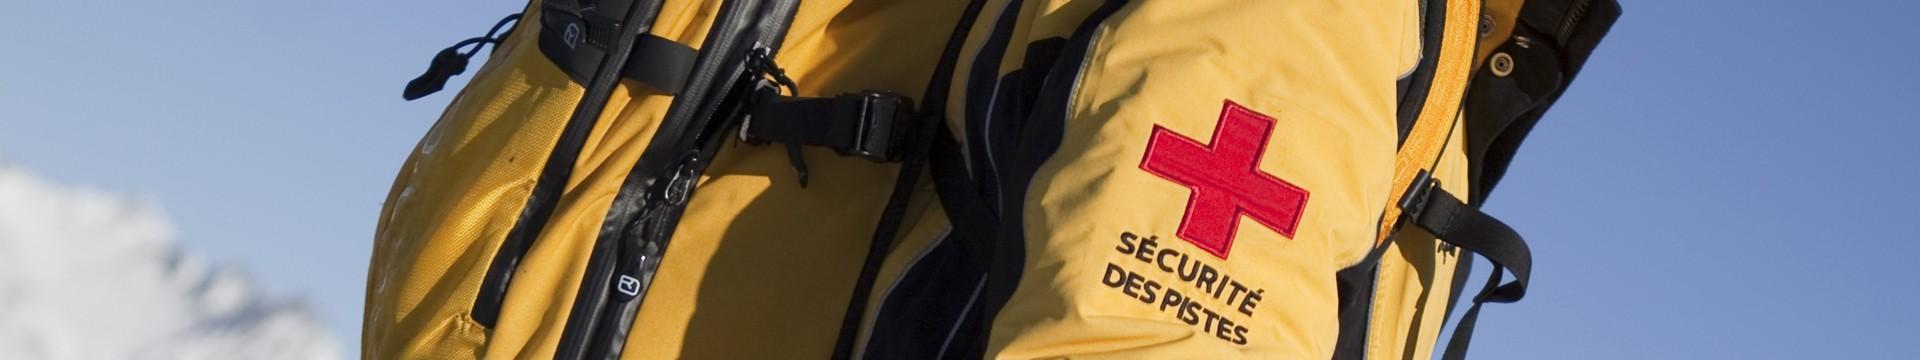 securite-01-9108